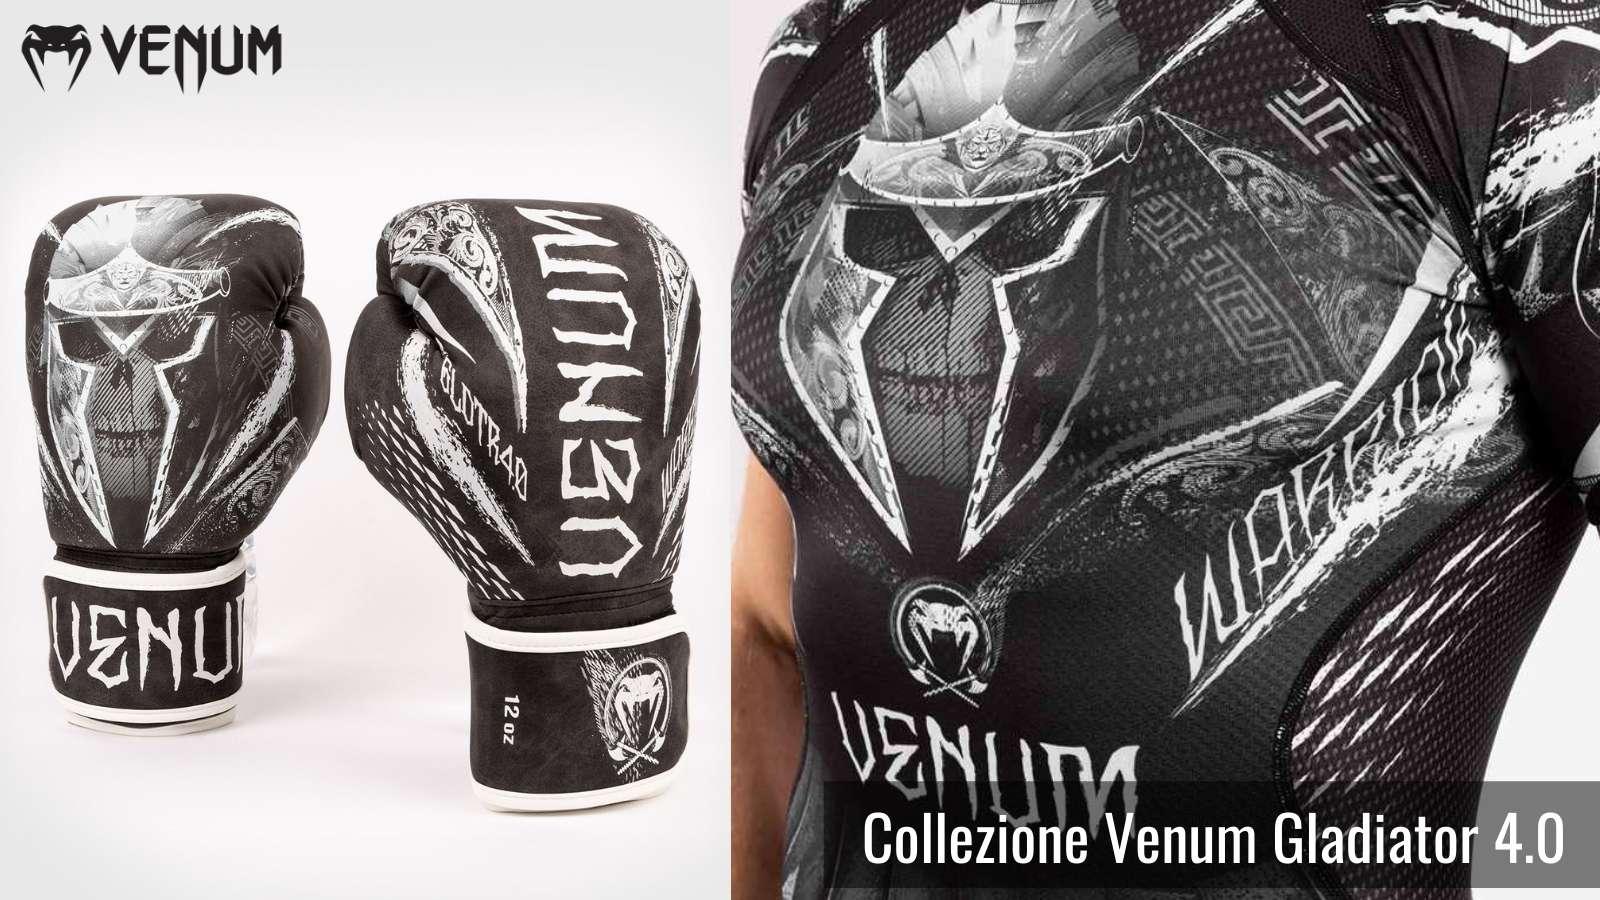 venum gladiator 4